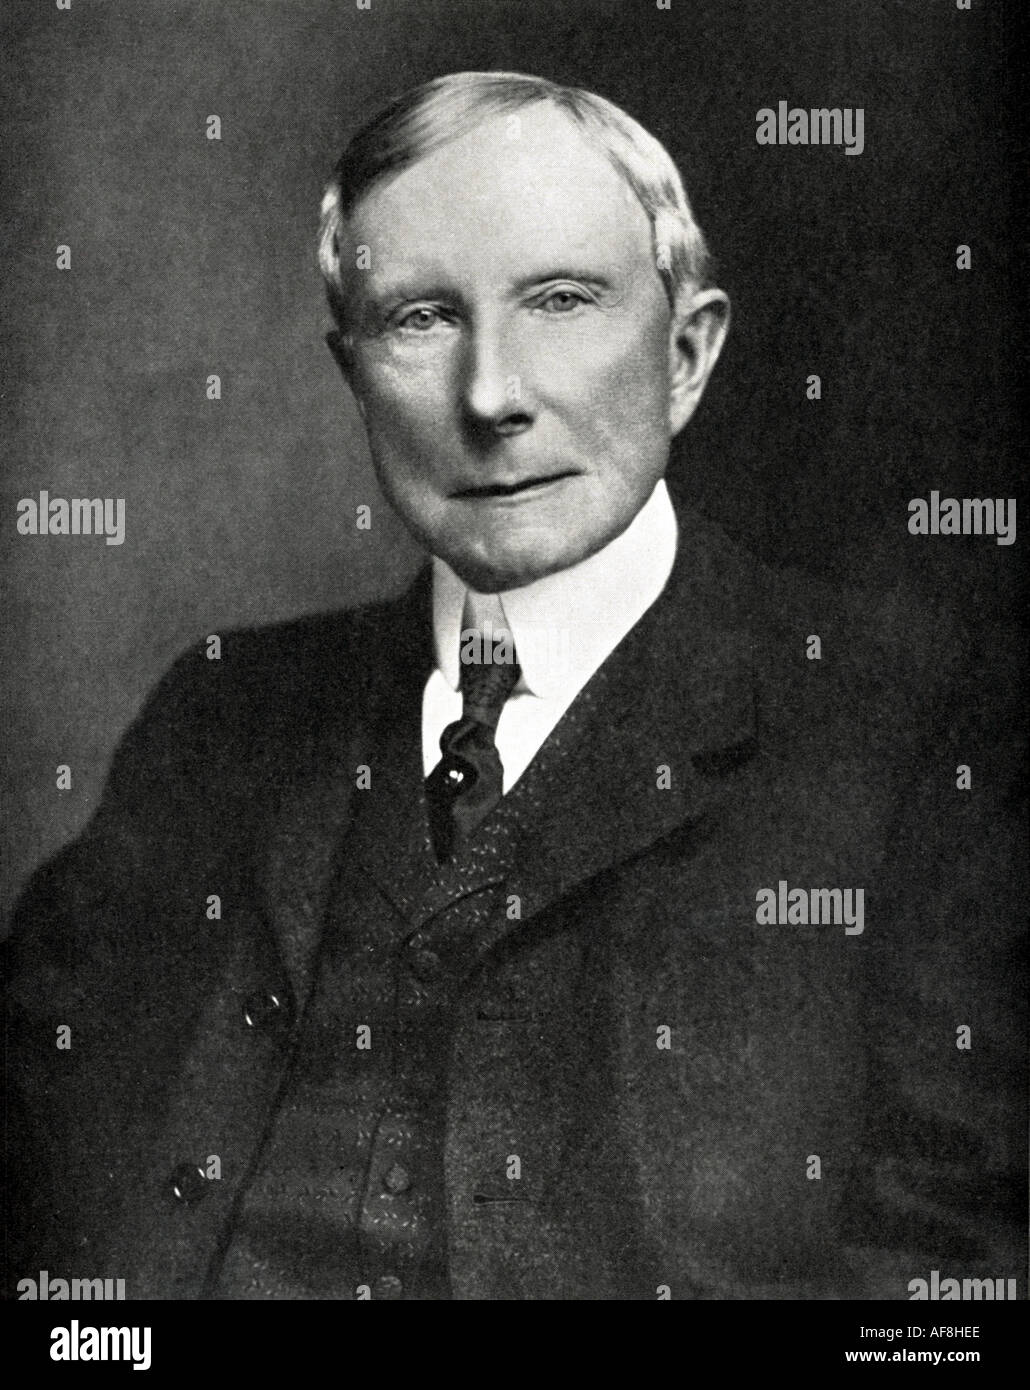 JOHN D ROCKEFELLER American industrialist and philanthropist 1839 1937 - Stock Image